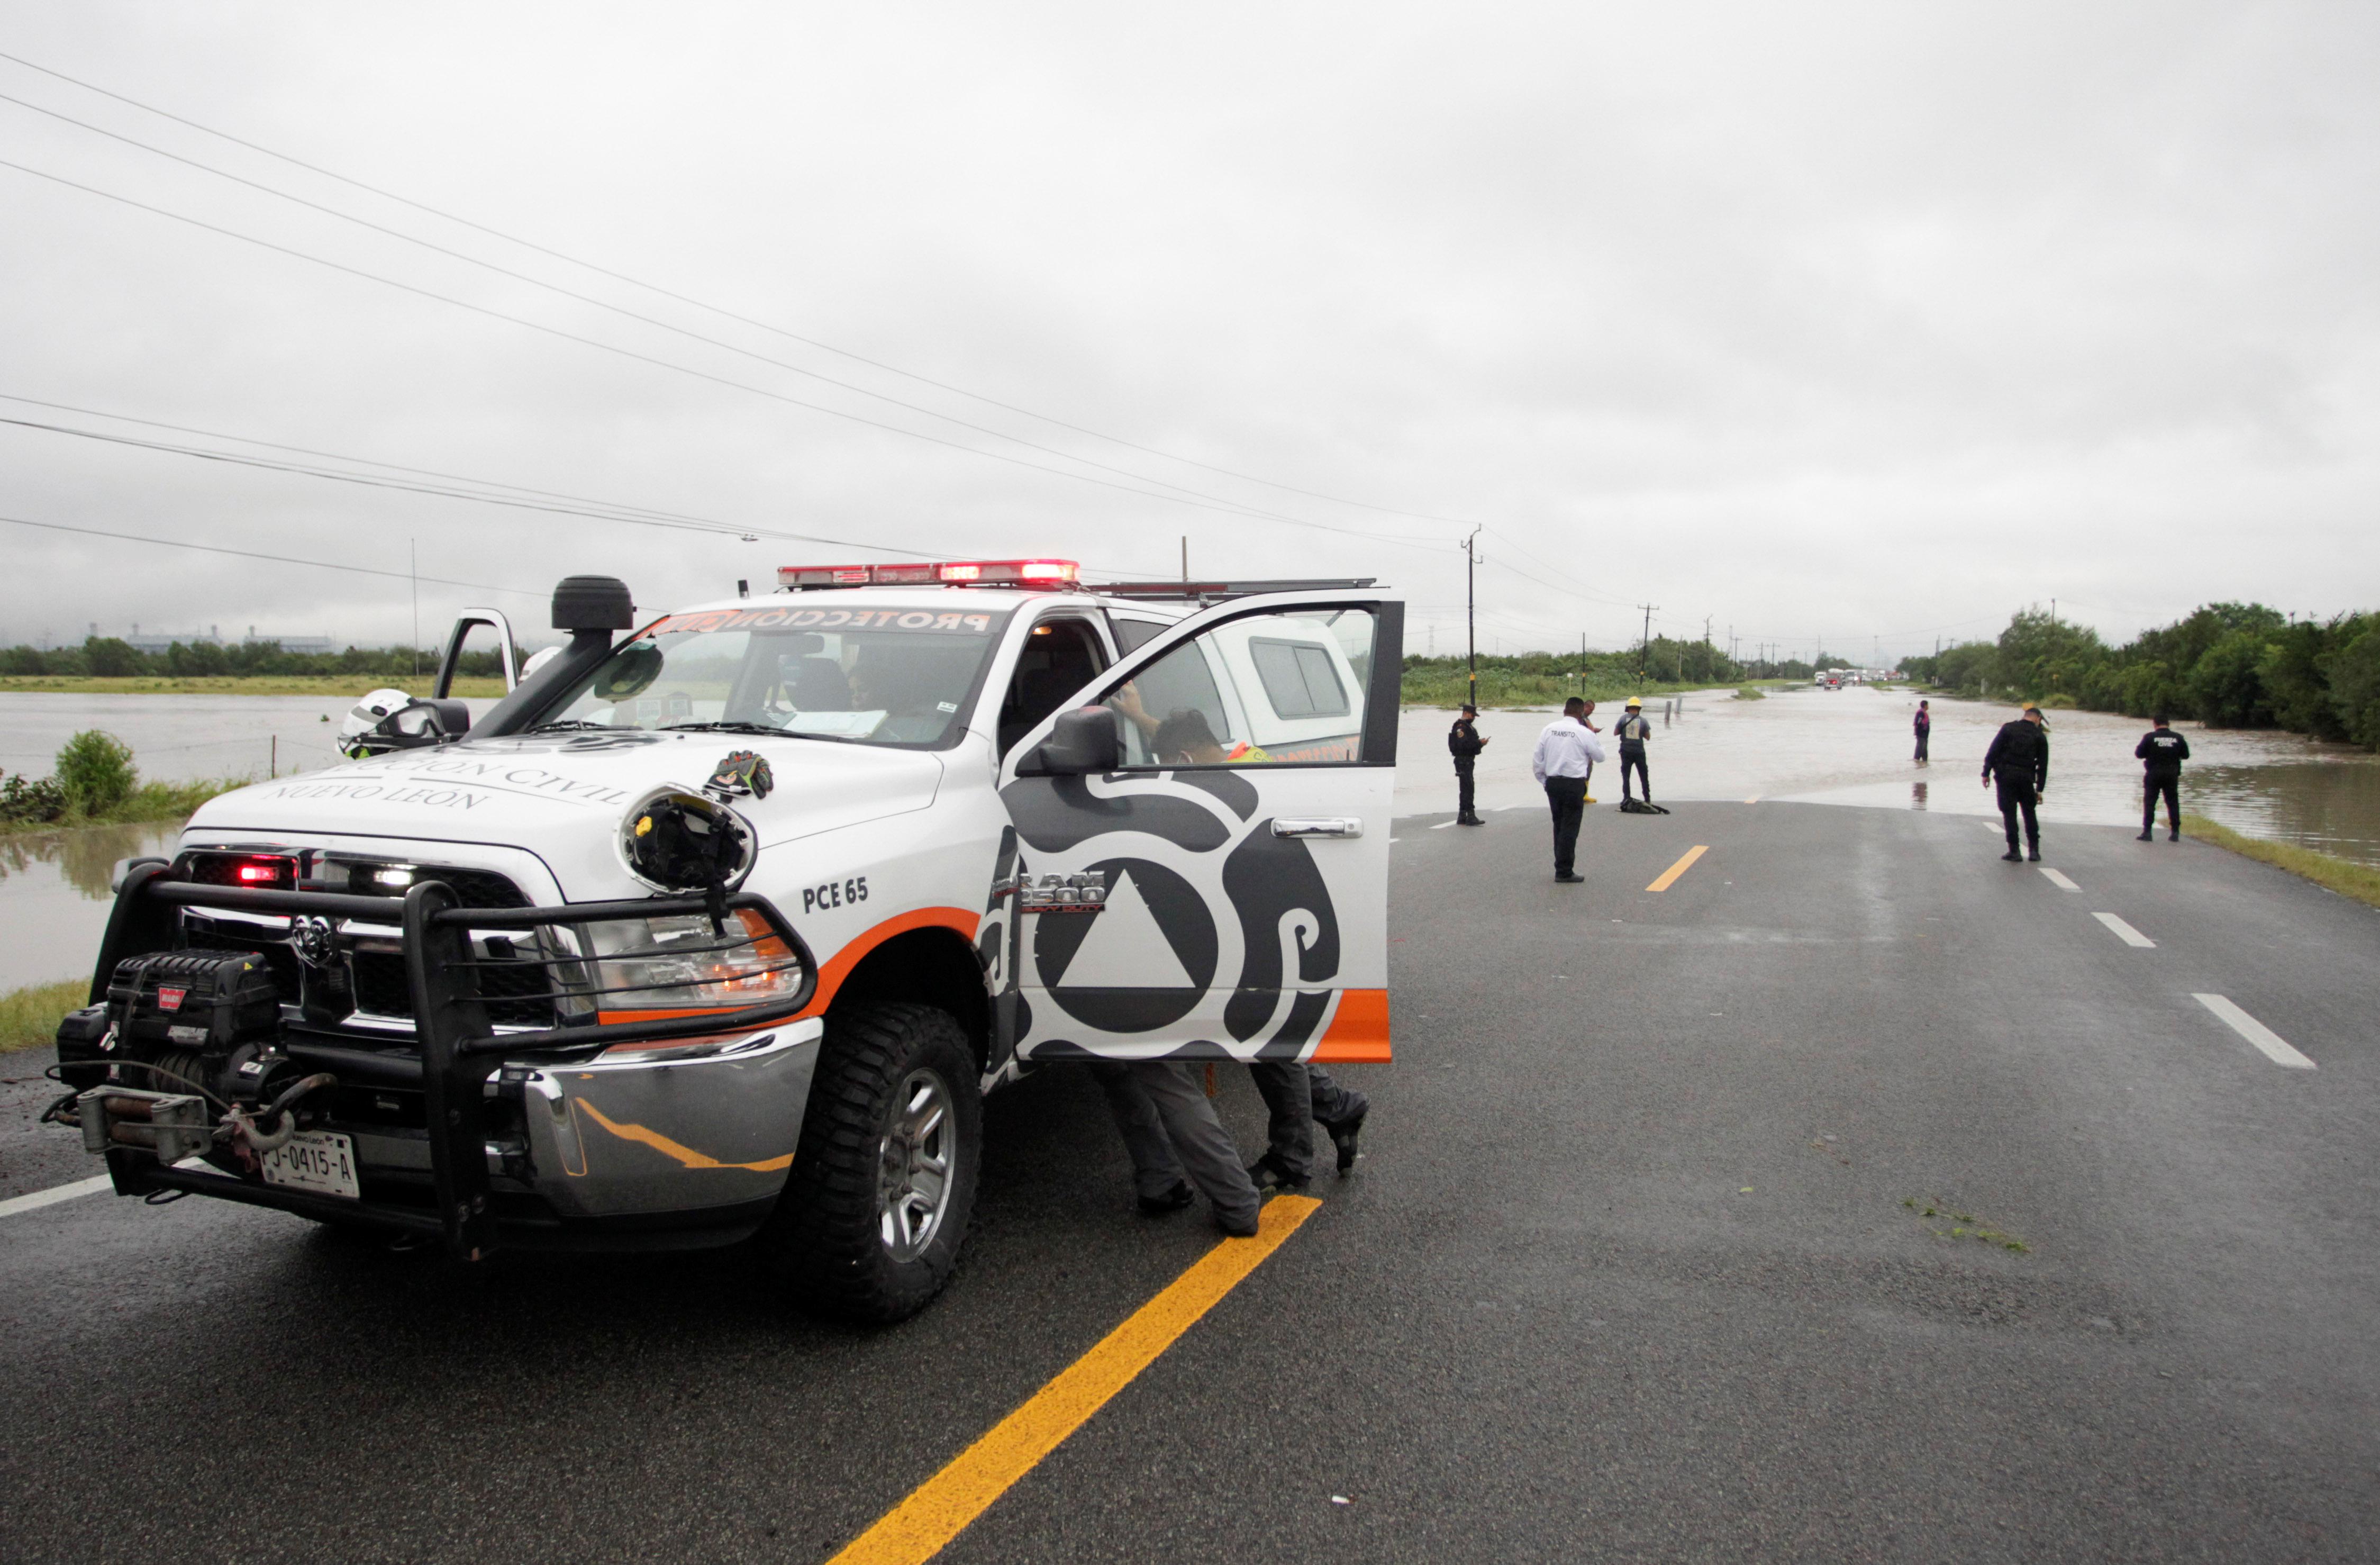 Los trabajadores de protección civil son vistos durante el rescate de un joven después de la tormenta Hanna en El Carmen, en las afueras de Monterrey, México, el 27 de julio de 2020.